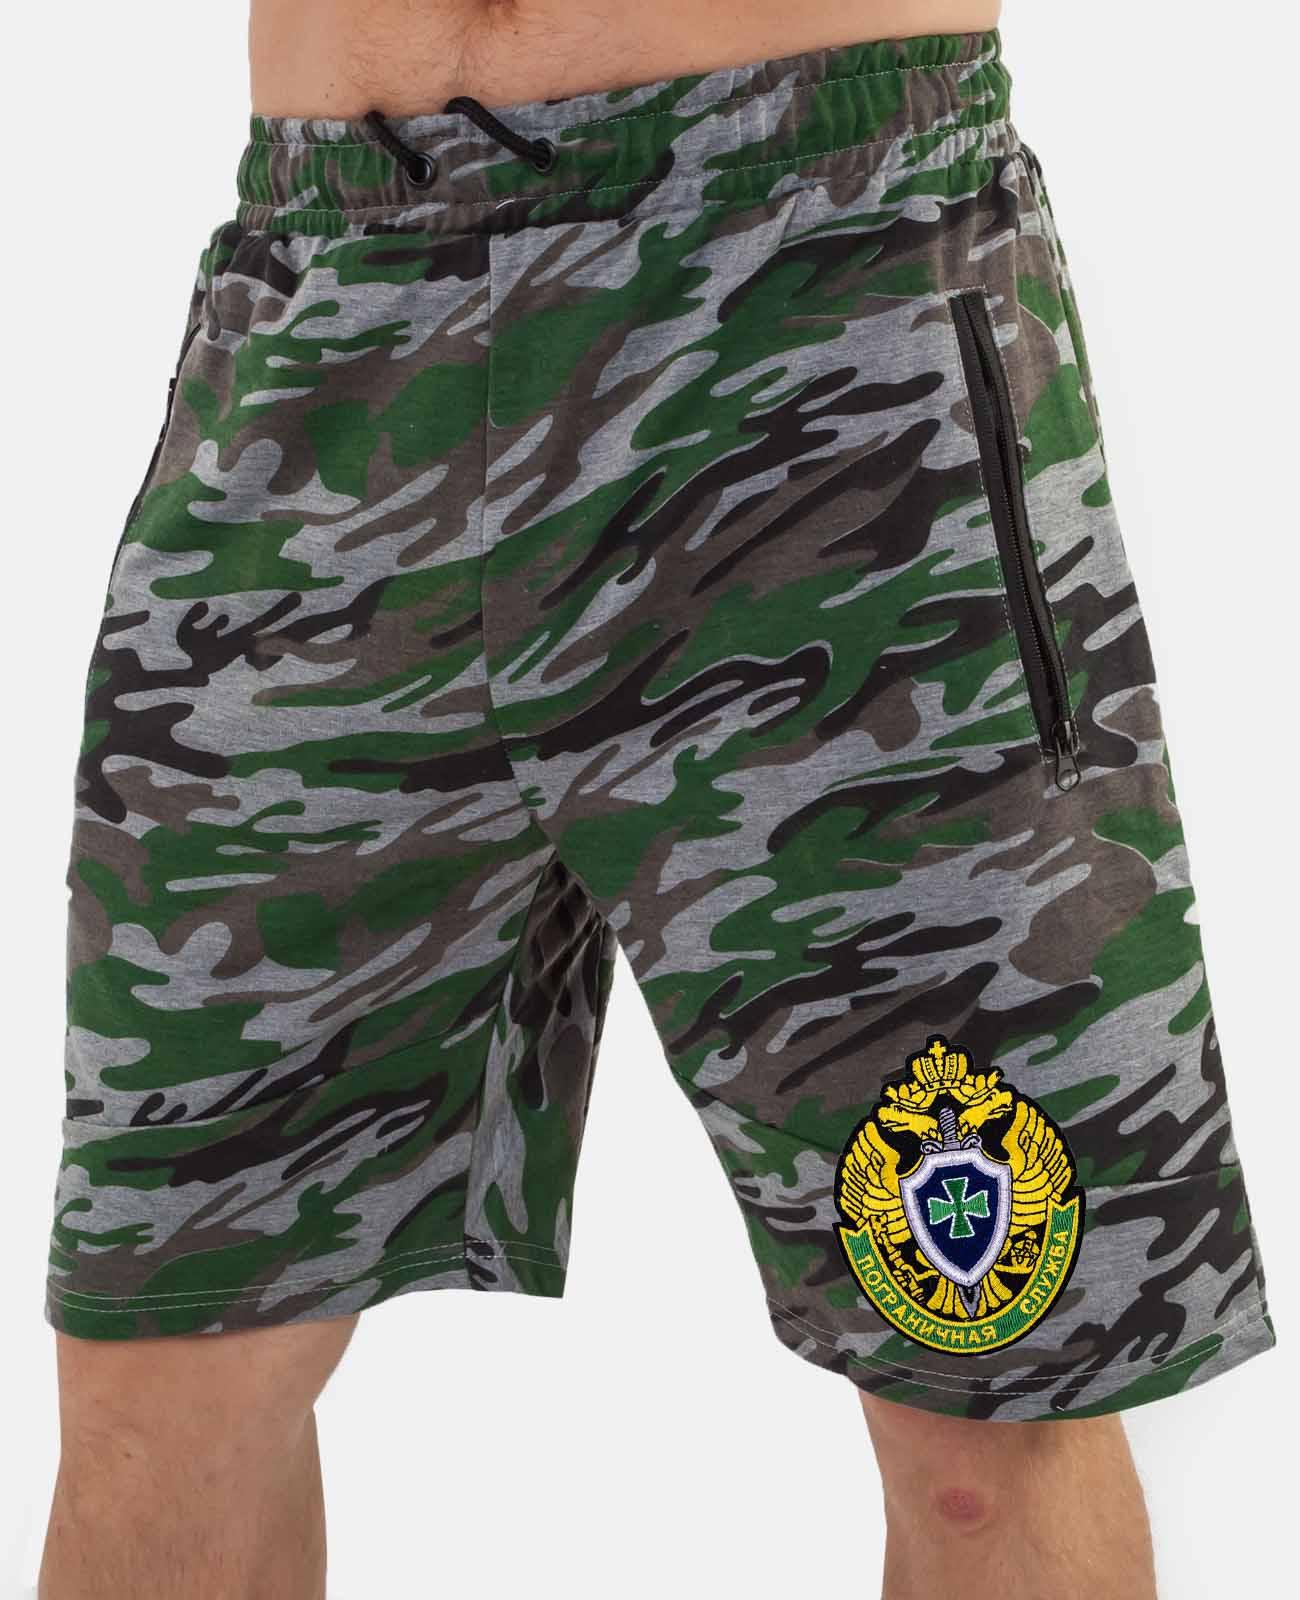 Мужские камуфляжные шорты с нашивкой Погранслужбы заказать с доставкой